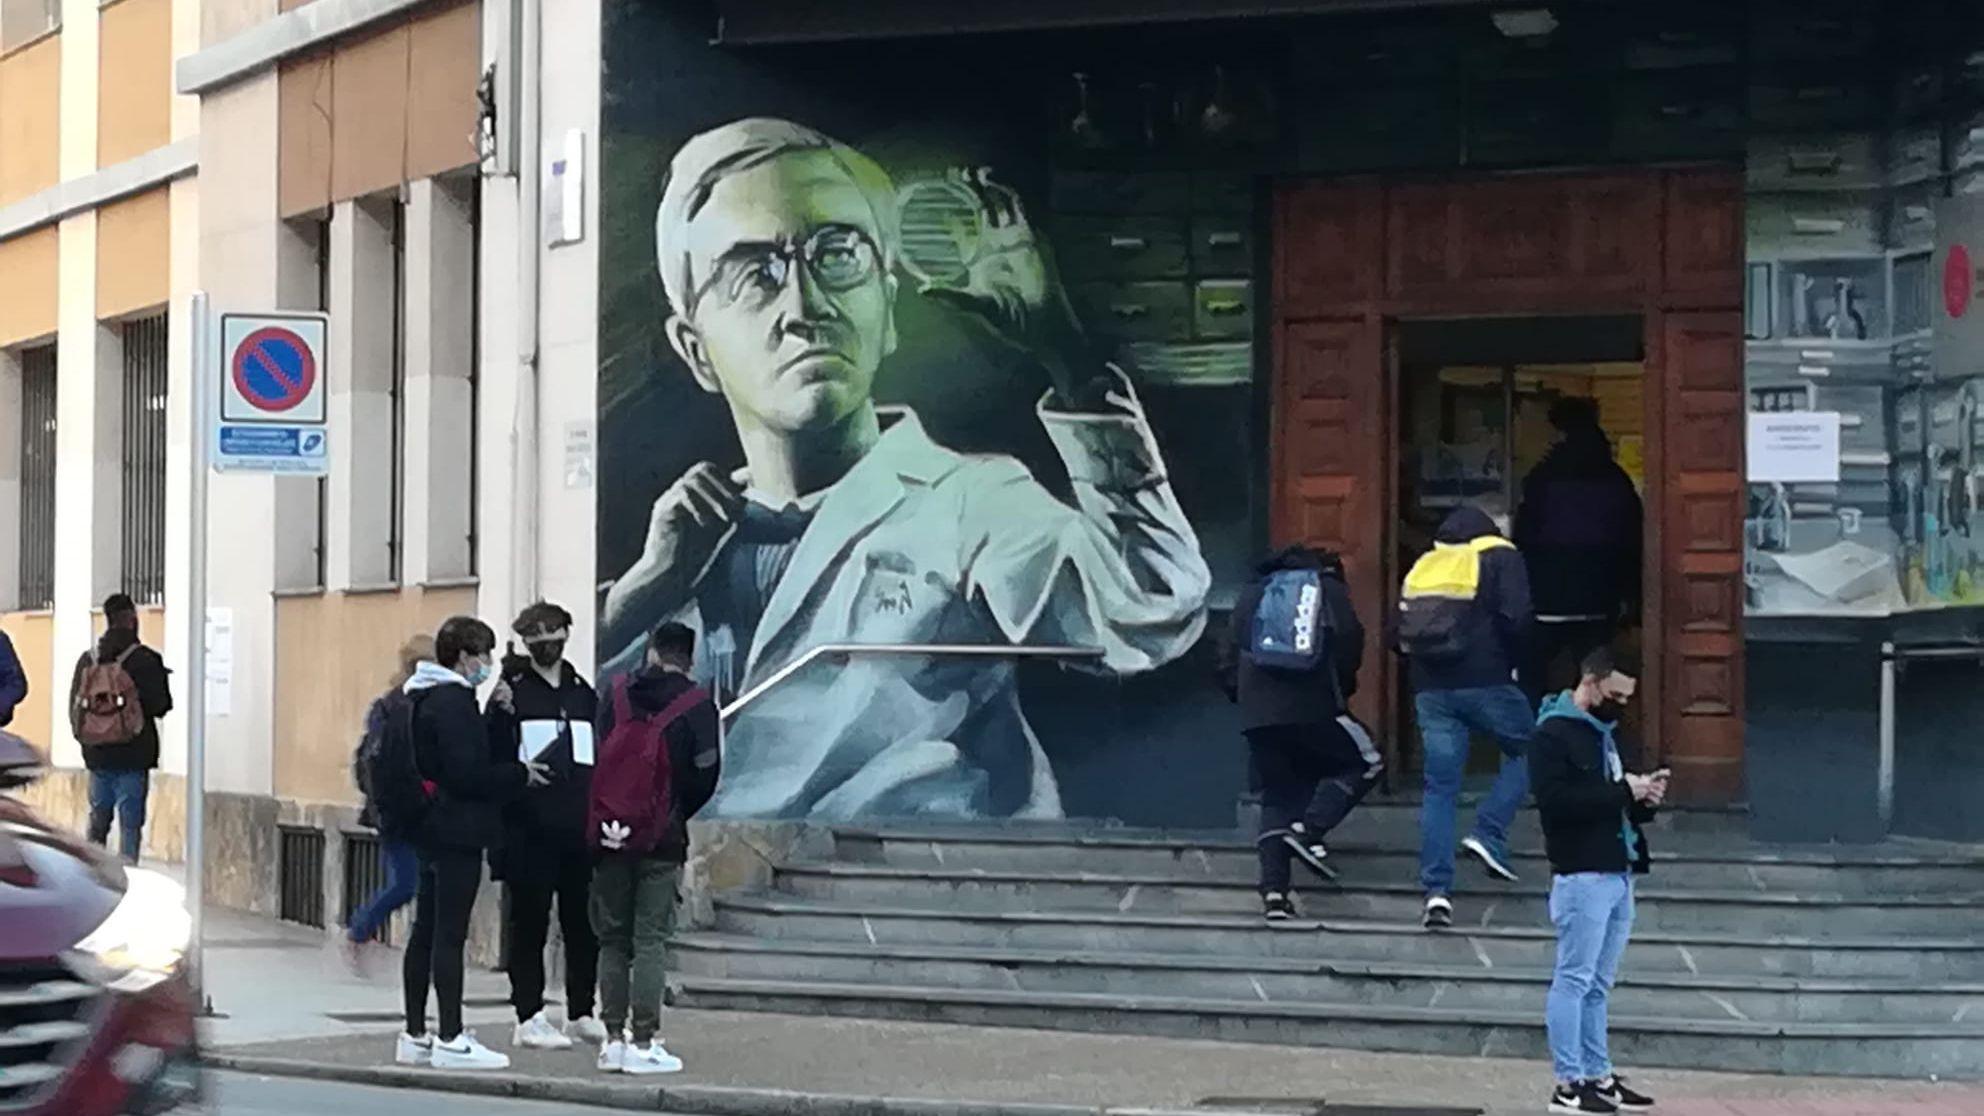 Los hechos ocurrieron en la avenida Ramón Ferreiro